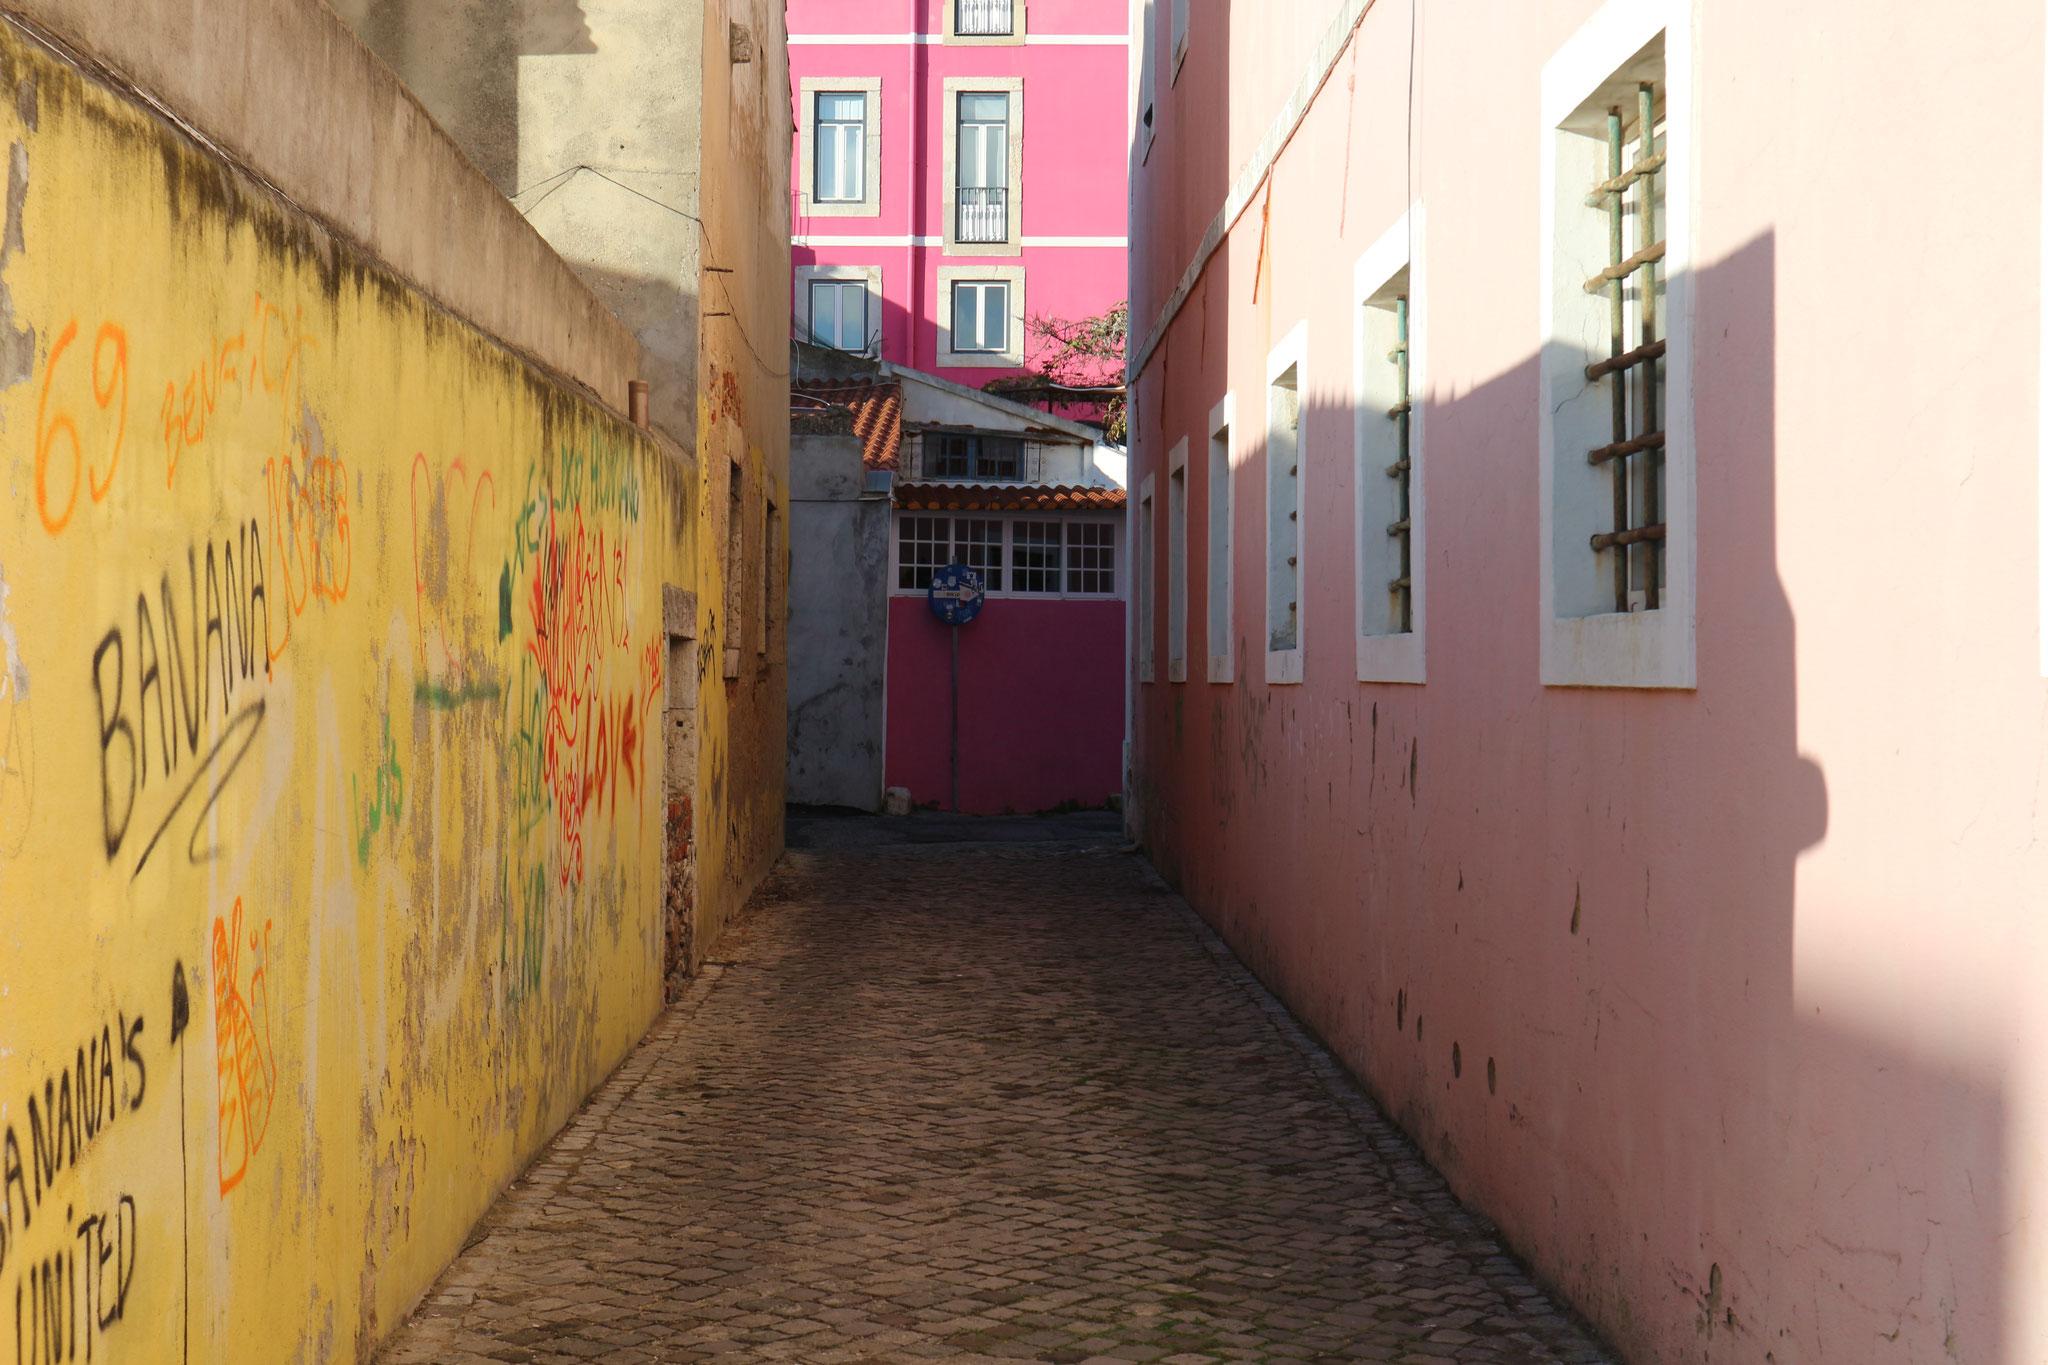 Alles bunt, alles eng gedrängt und verwinkelt. Sich zwischen Graffiti und Streetart verlaufen und inspirieren lassen funktioniert jedes Mal!